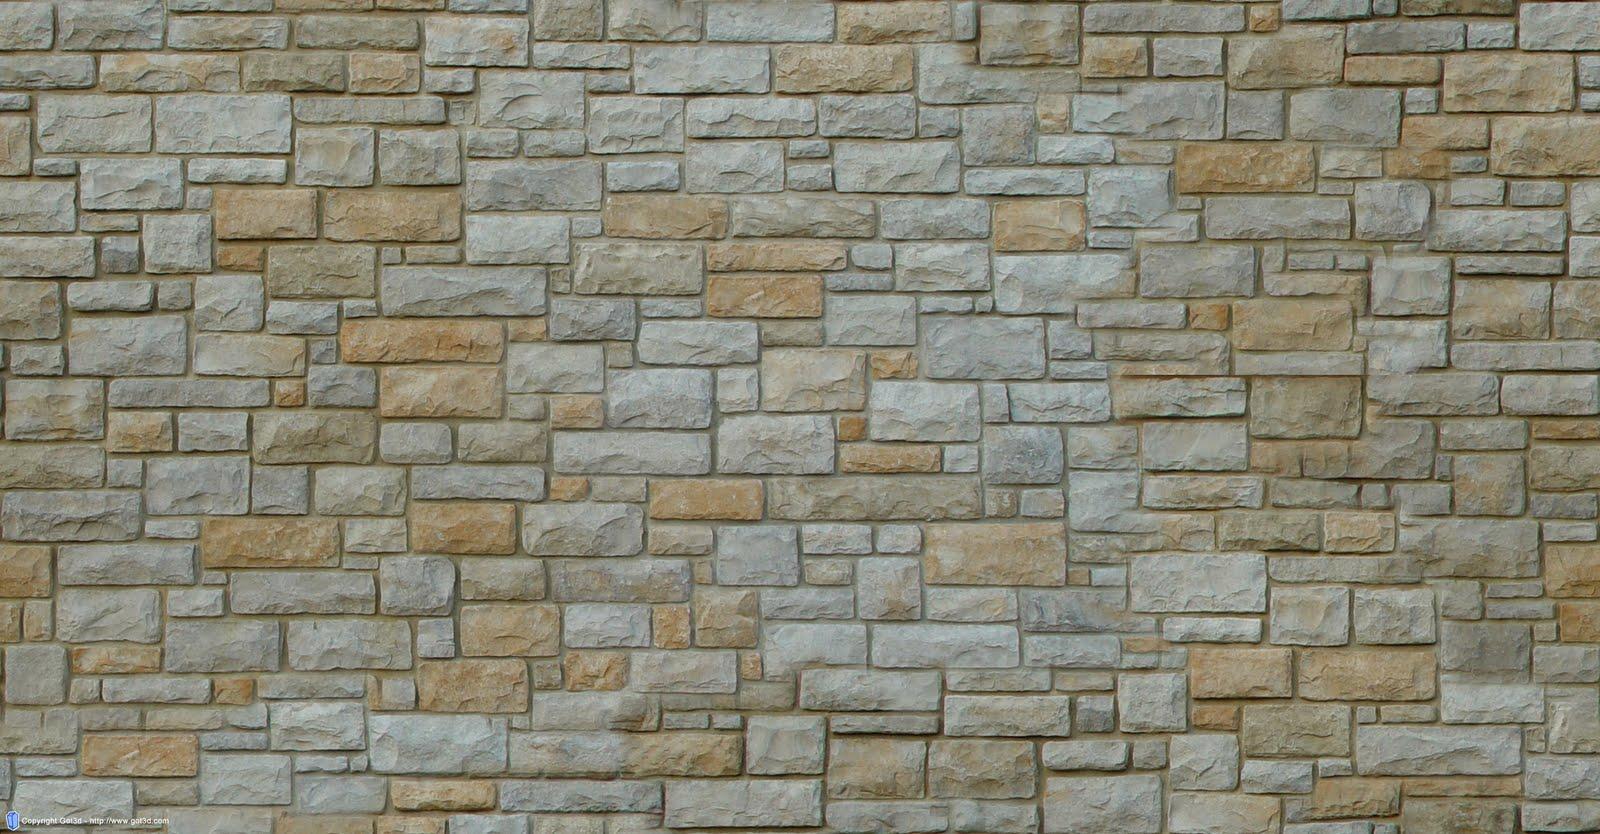 wallpapers textures paredes con texturas texturas de paredes para 1600x834